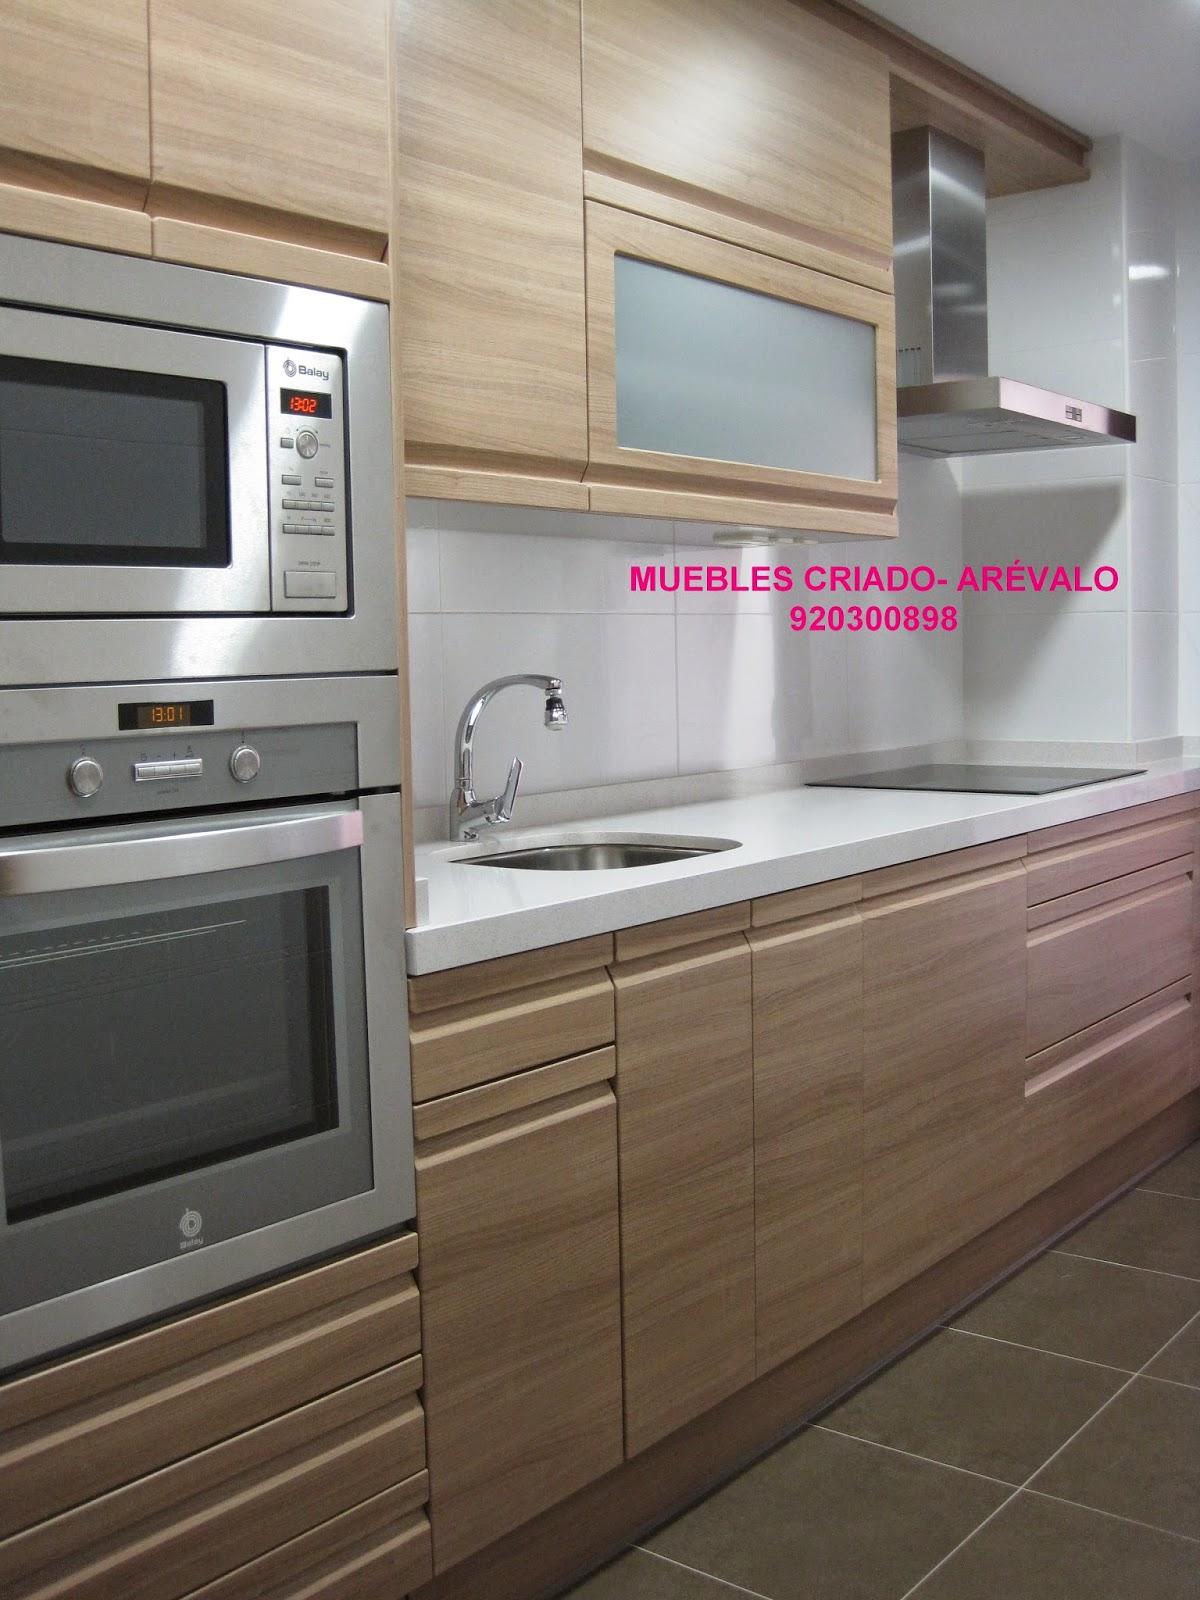 Cocinas criado modelos - Cocinas color roble ...